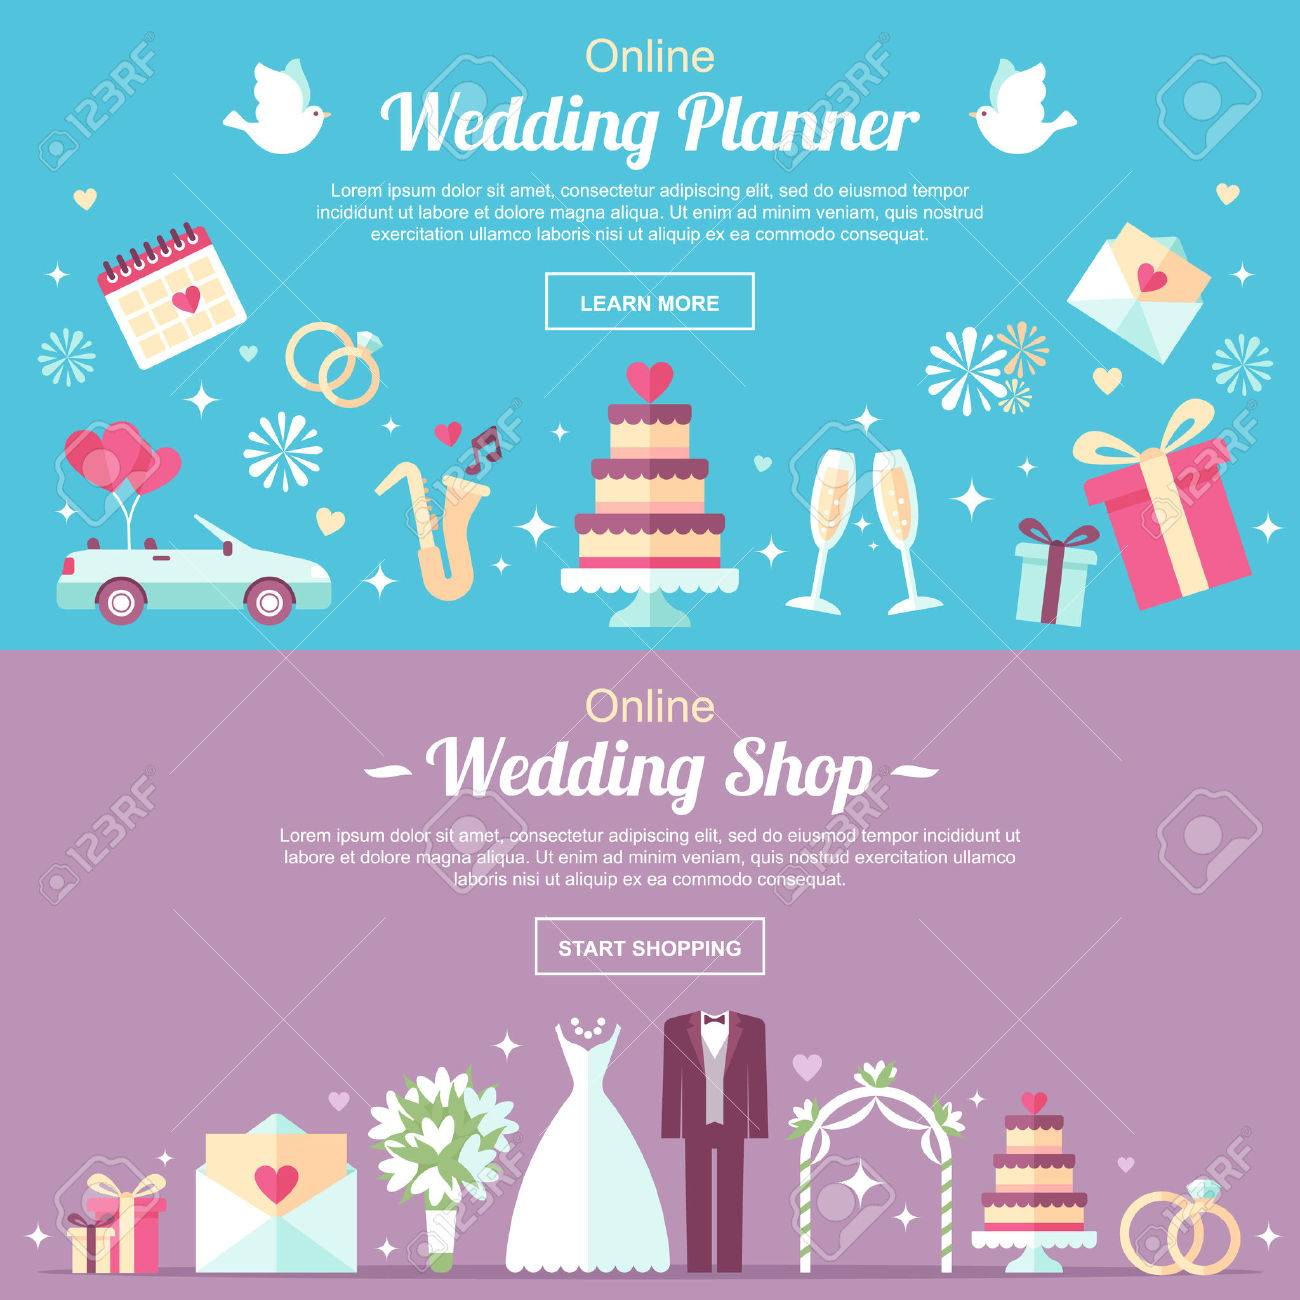 ベクトル ヘッダーやバナー デザイン テンプレート オンライン結婚式